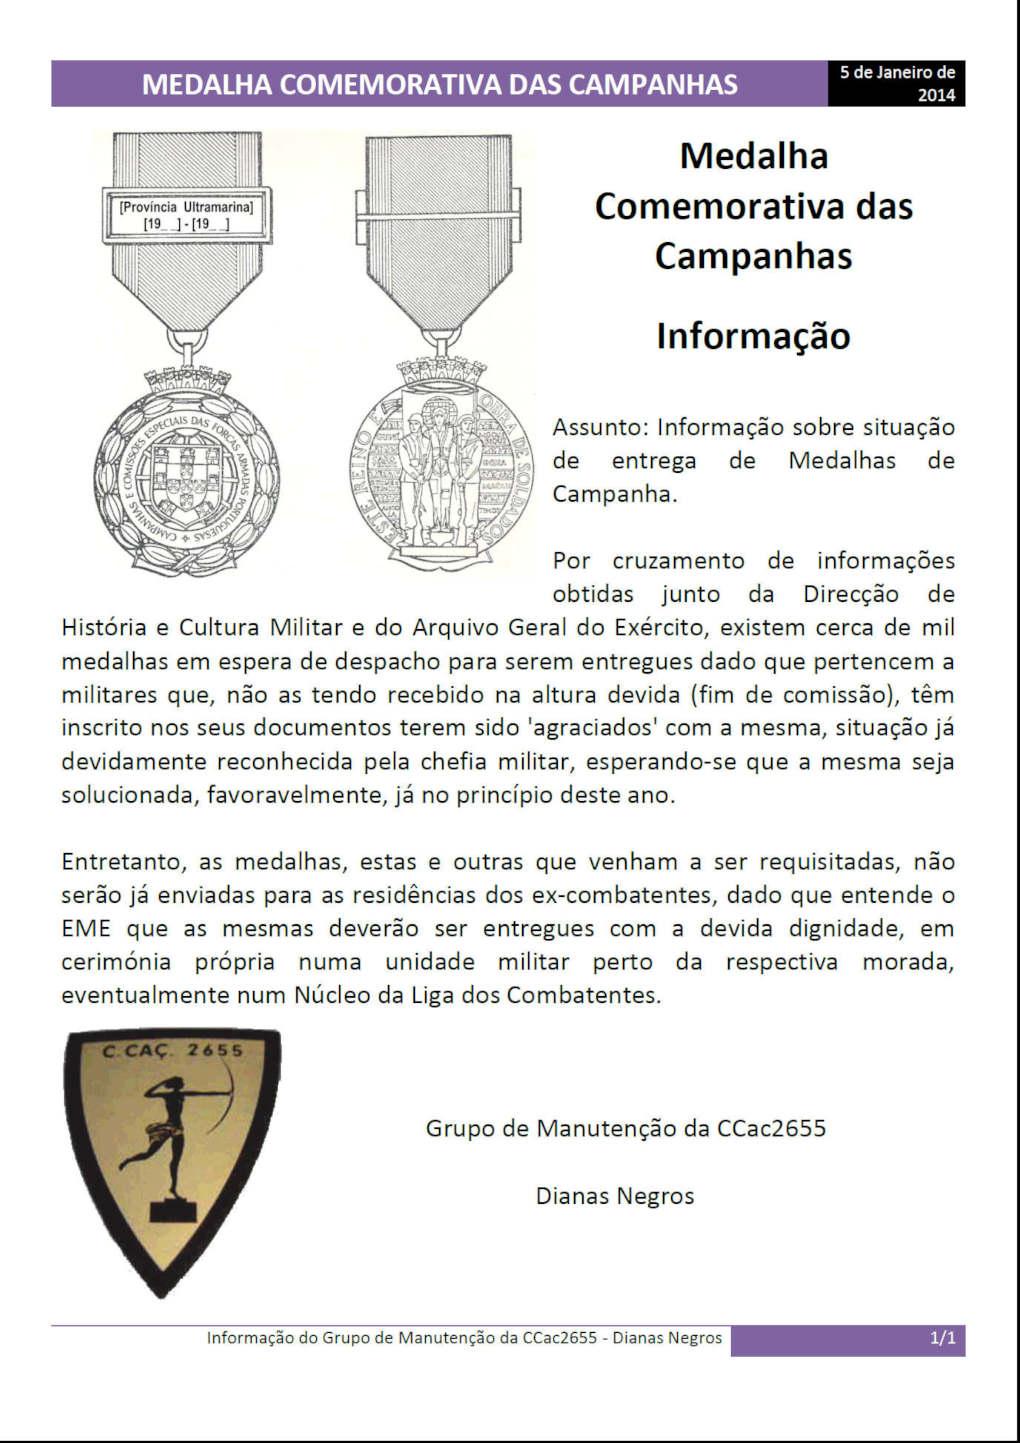 Medalha Comemorativa das Campanhas - Informação - 05Jan2014 Medalh10